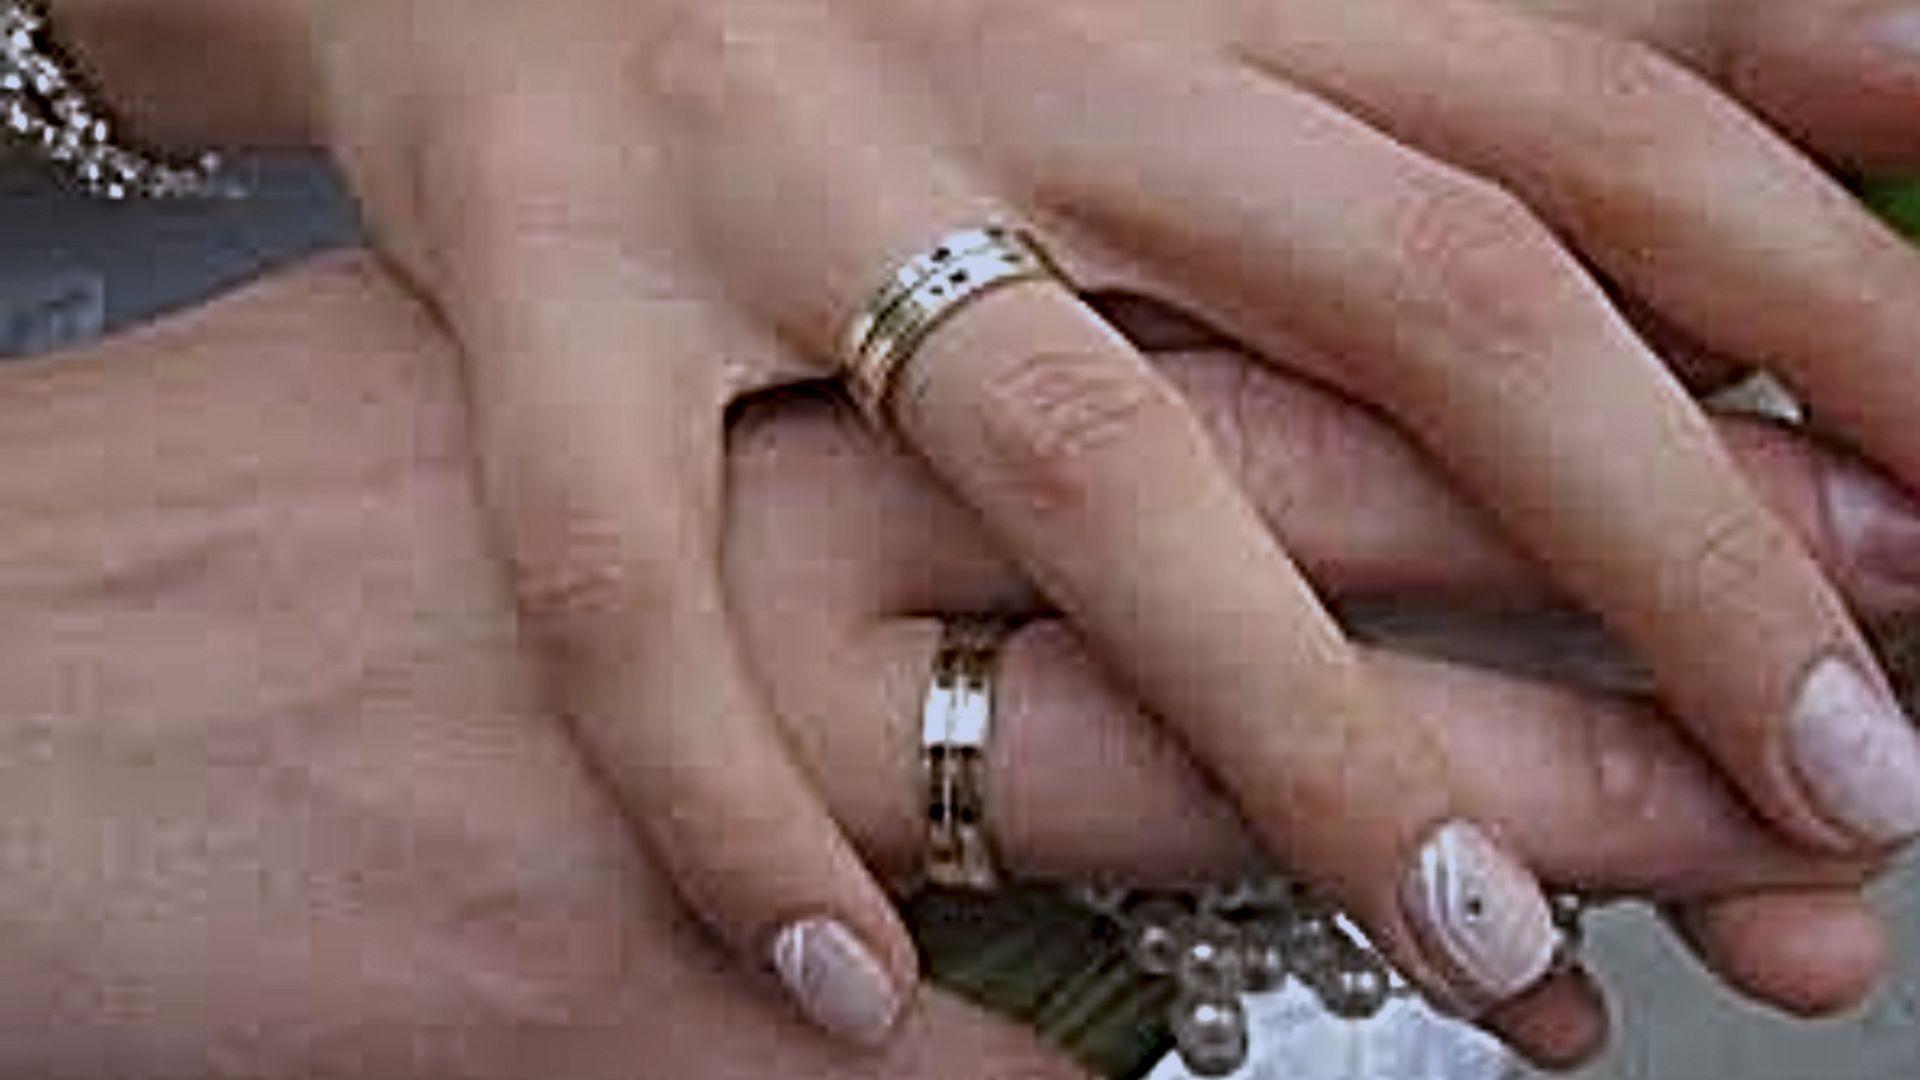 alianza boda (1)